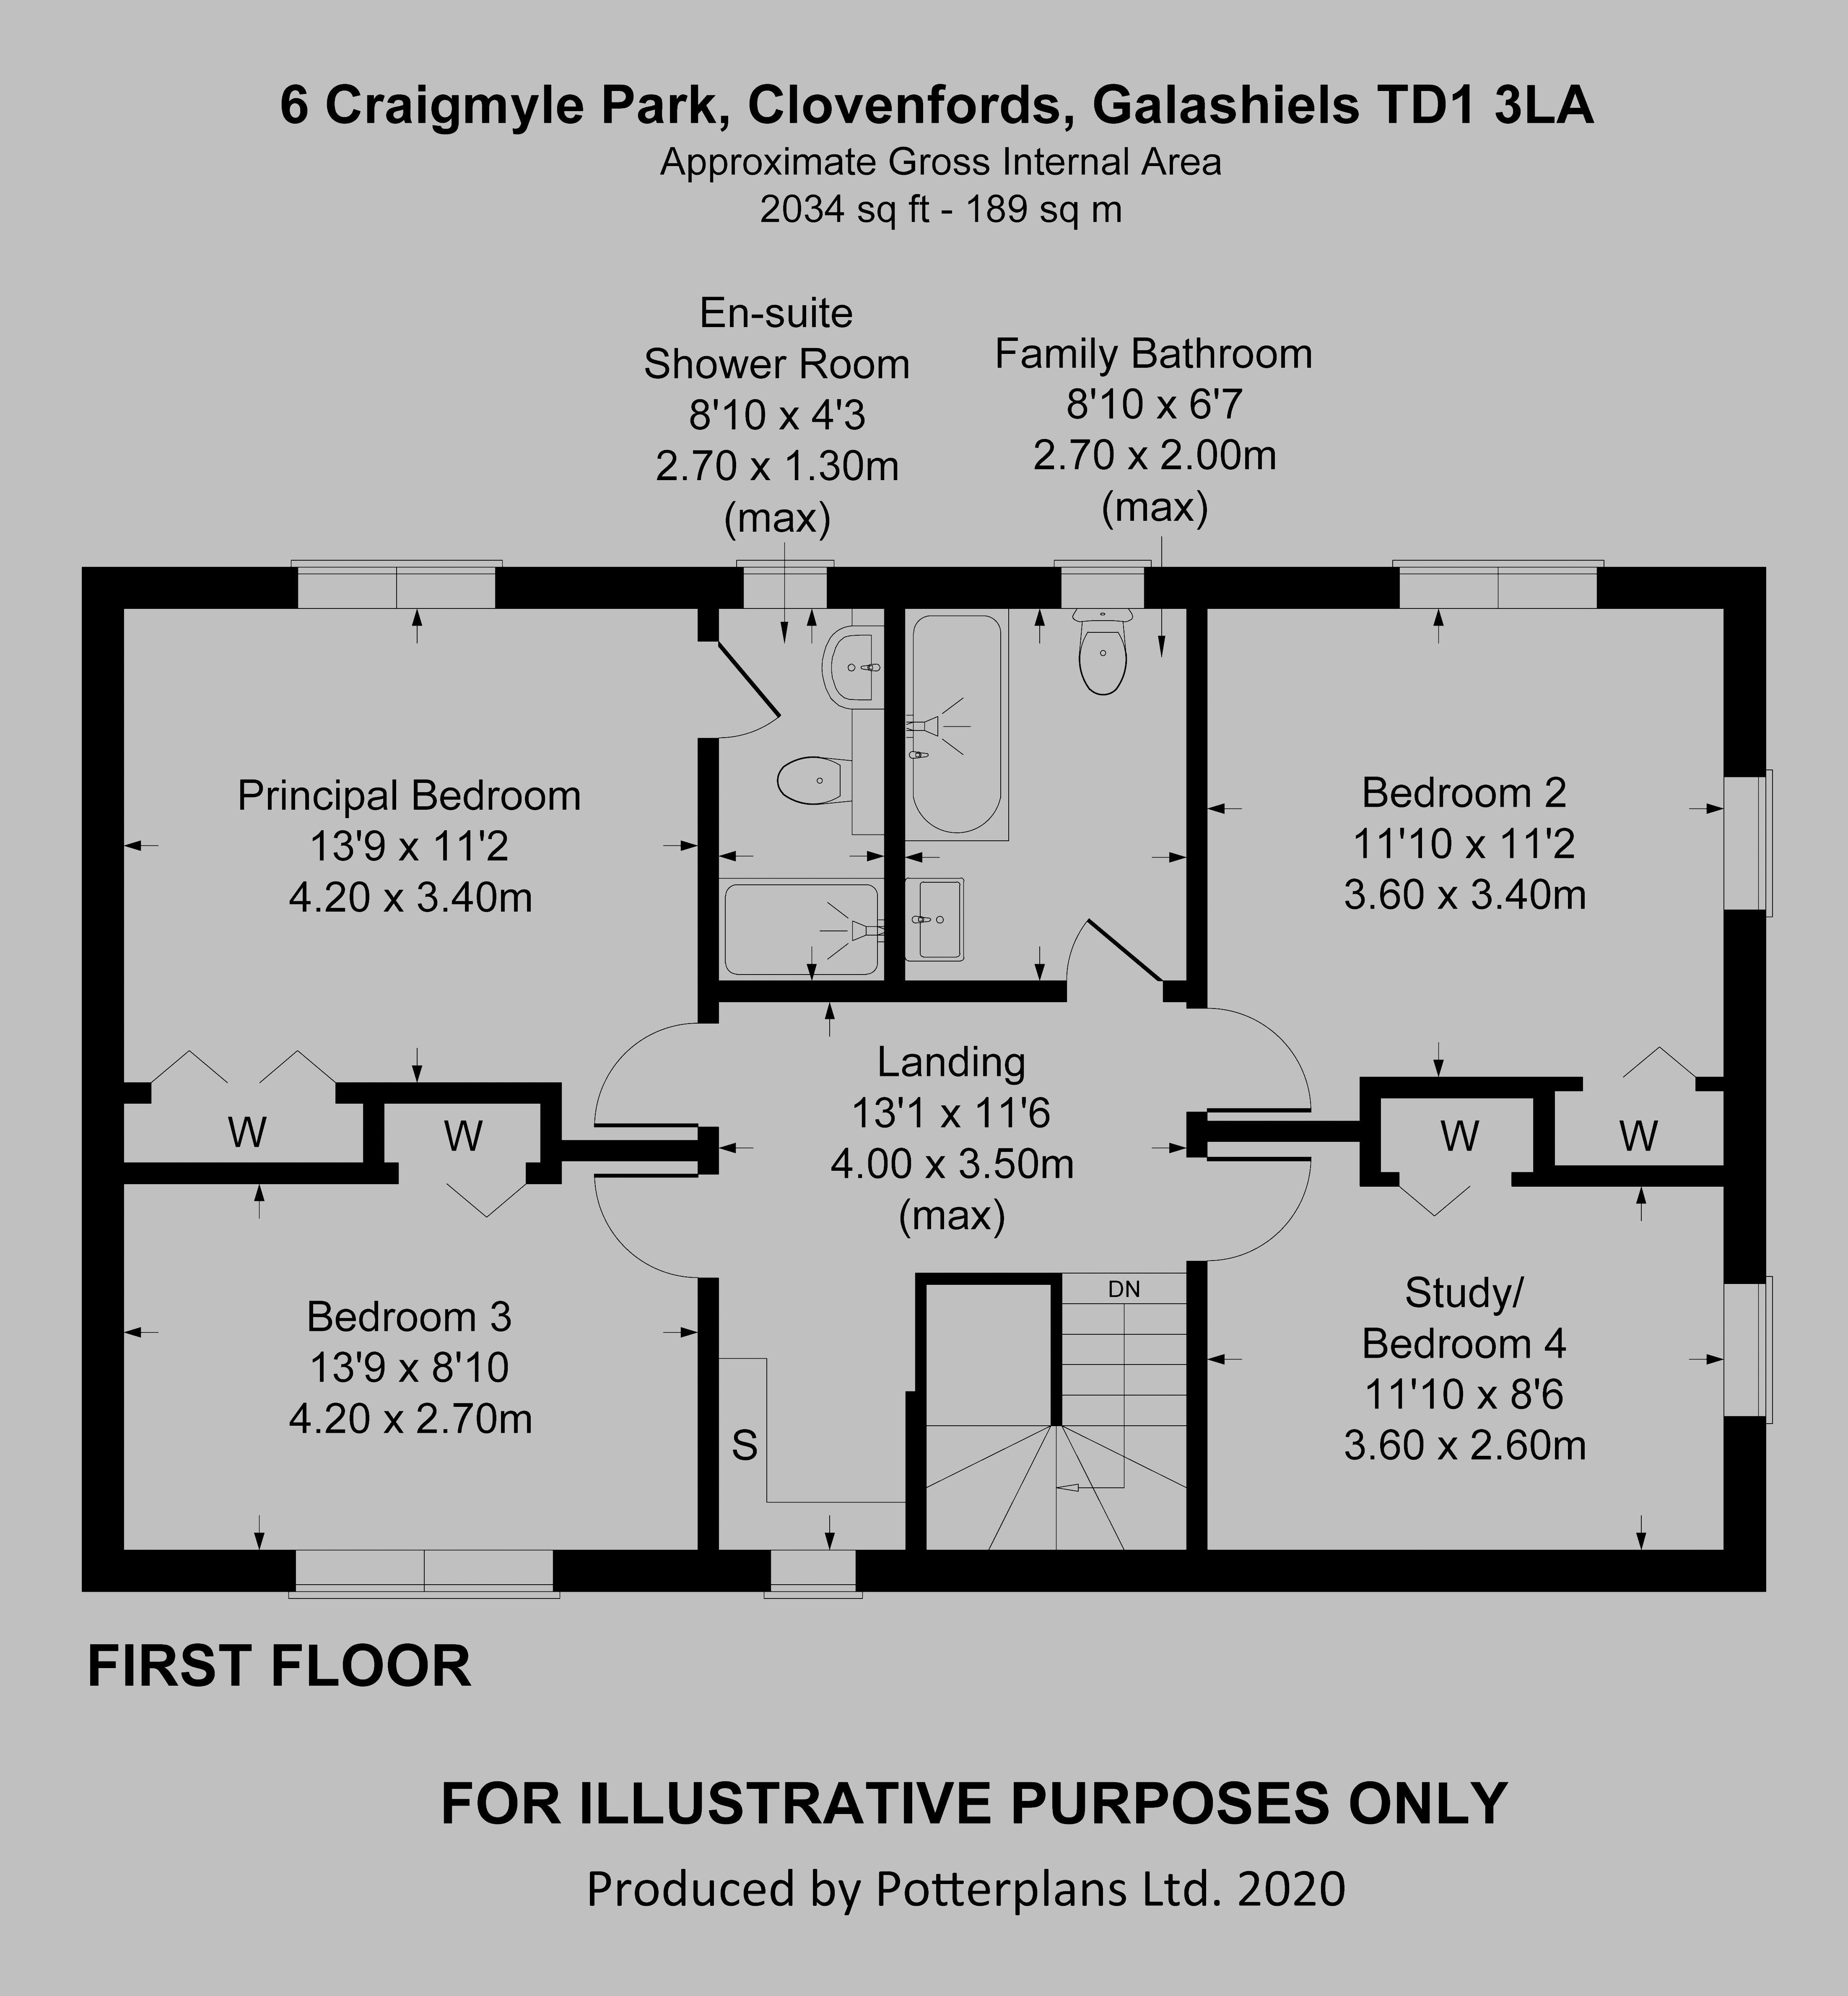 6 Craigmyle Park First Floor